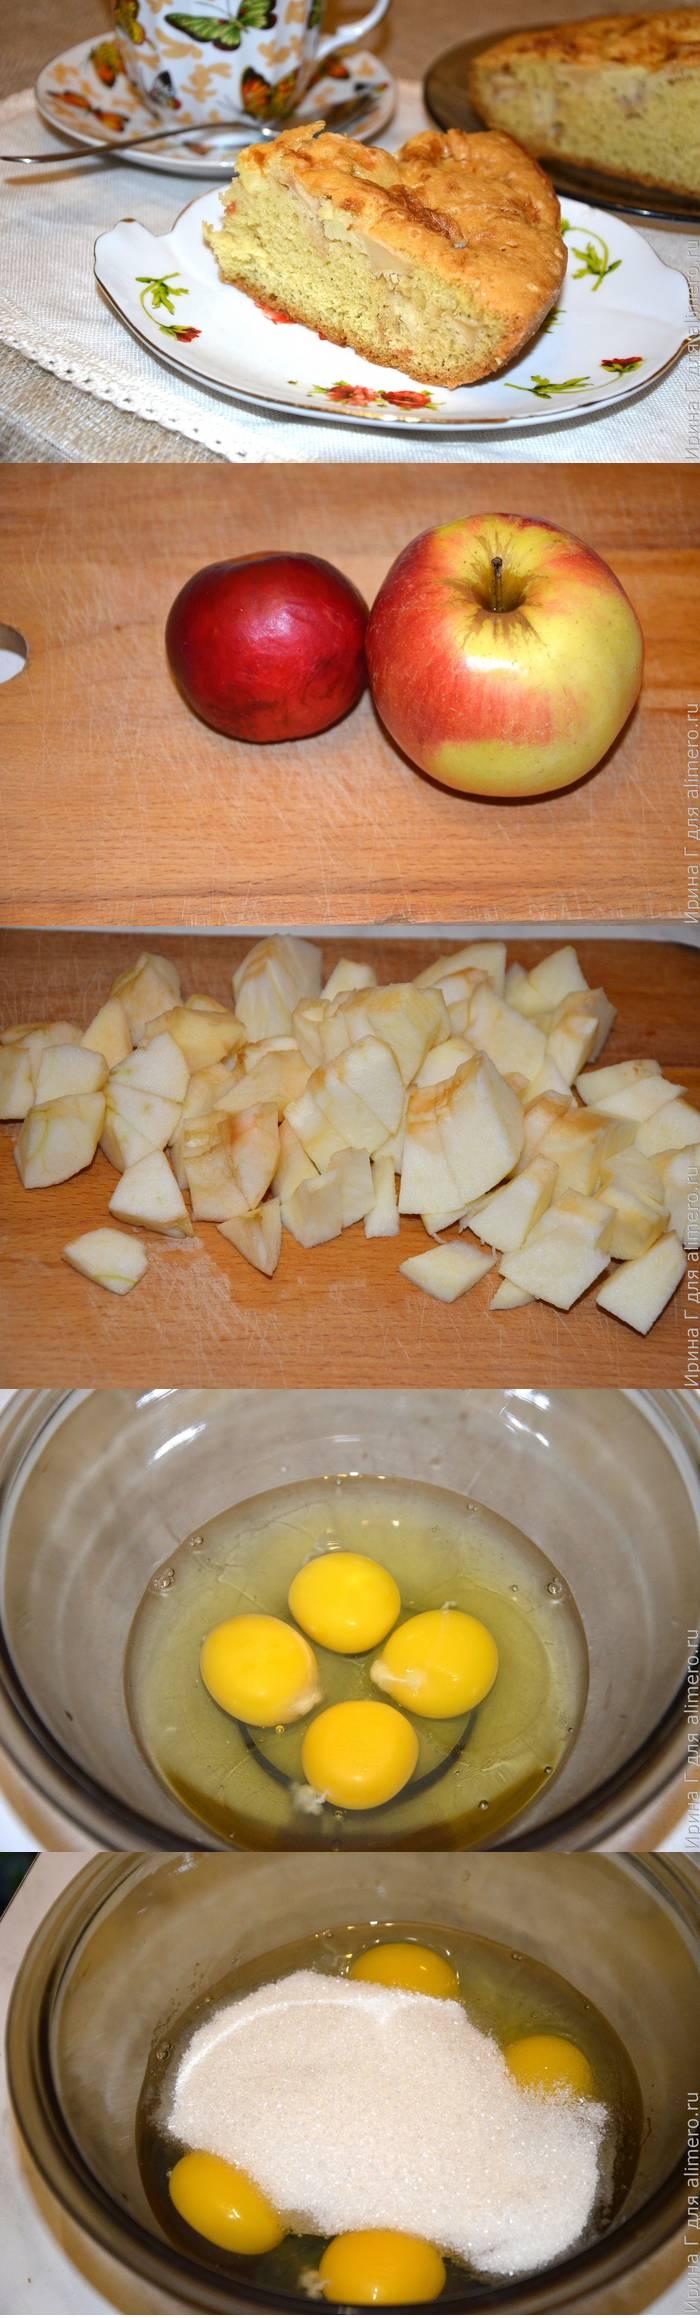 Шарлотка без яиц рецепт пошагово в духовке